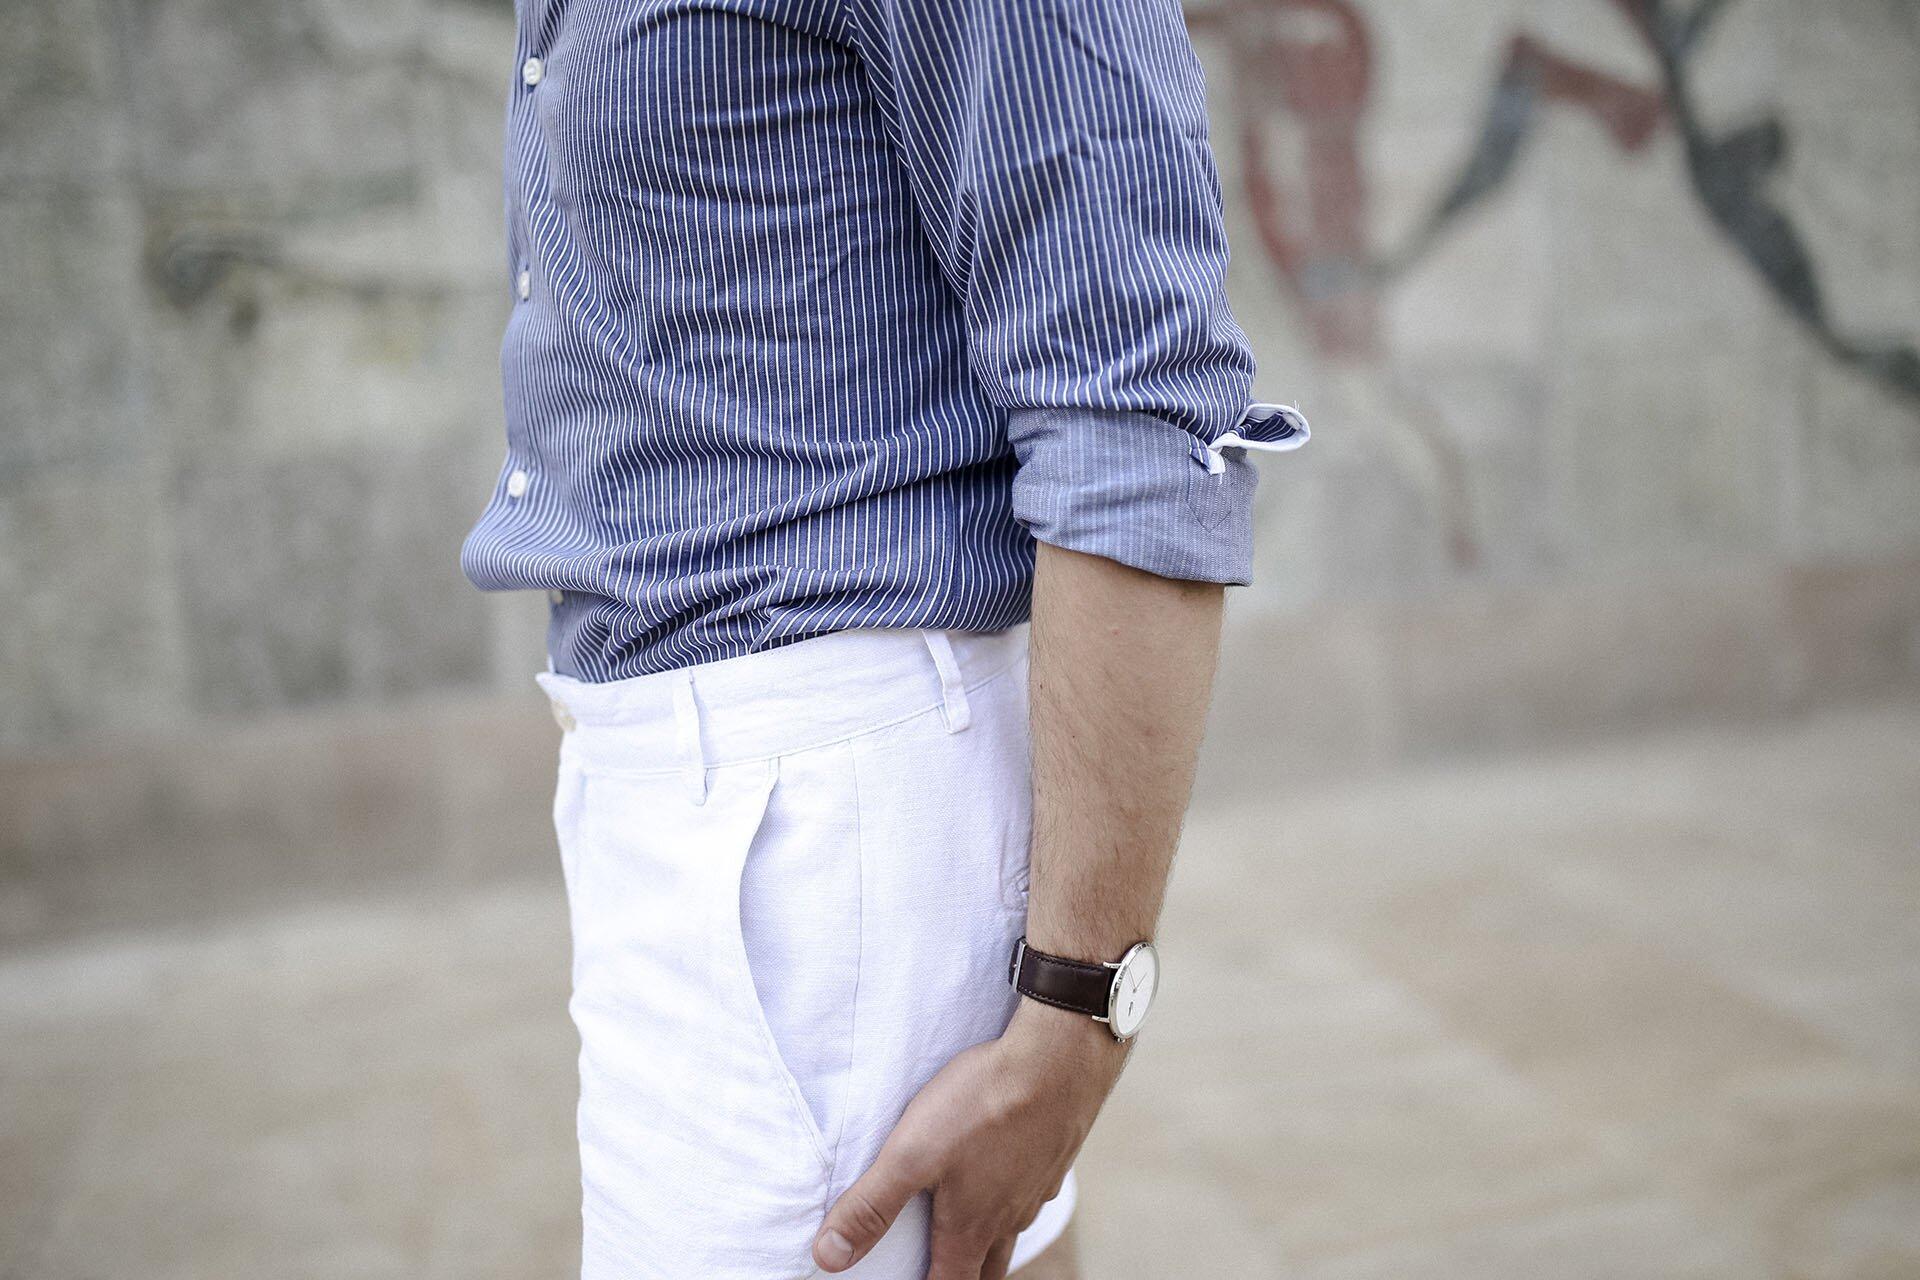 Koszula Massimo Dutti, Koszula męska, Błękitna koszula męska, lniane białe szorty męskie, moda męska, blog o modzie męskiej, Gmale by Grzegorz Paliś